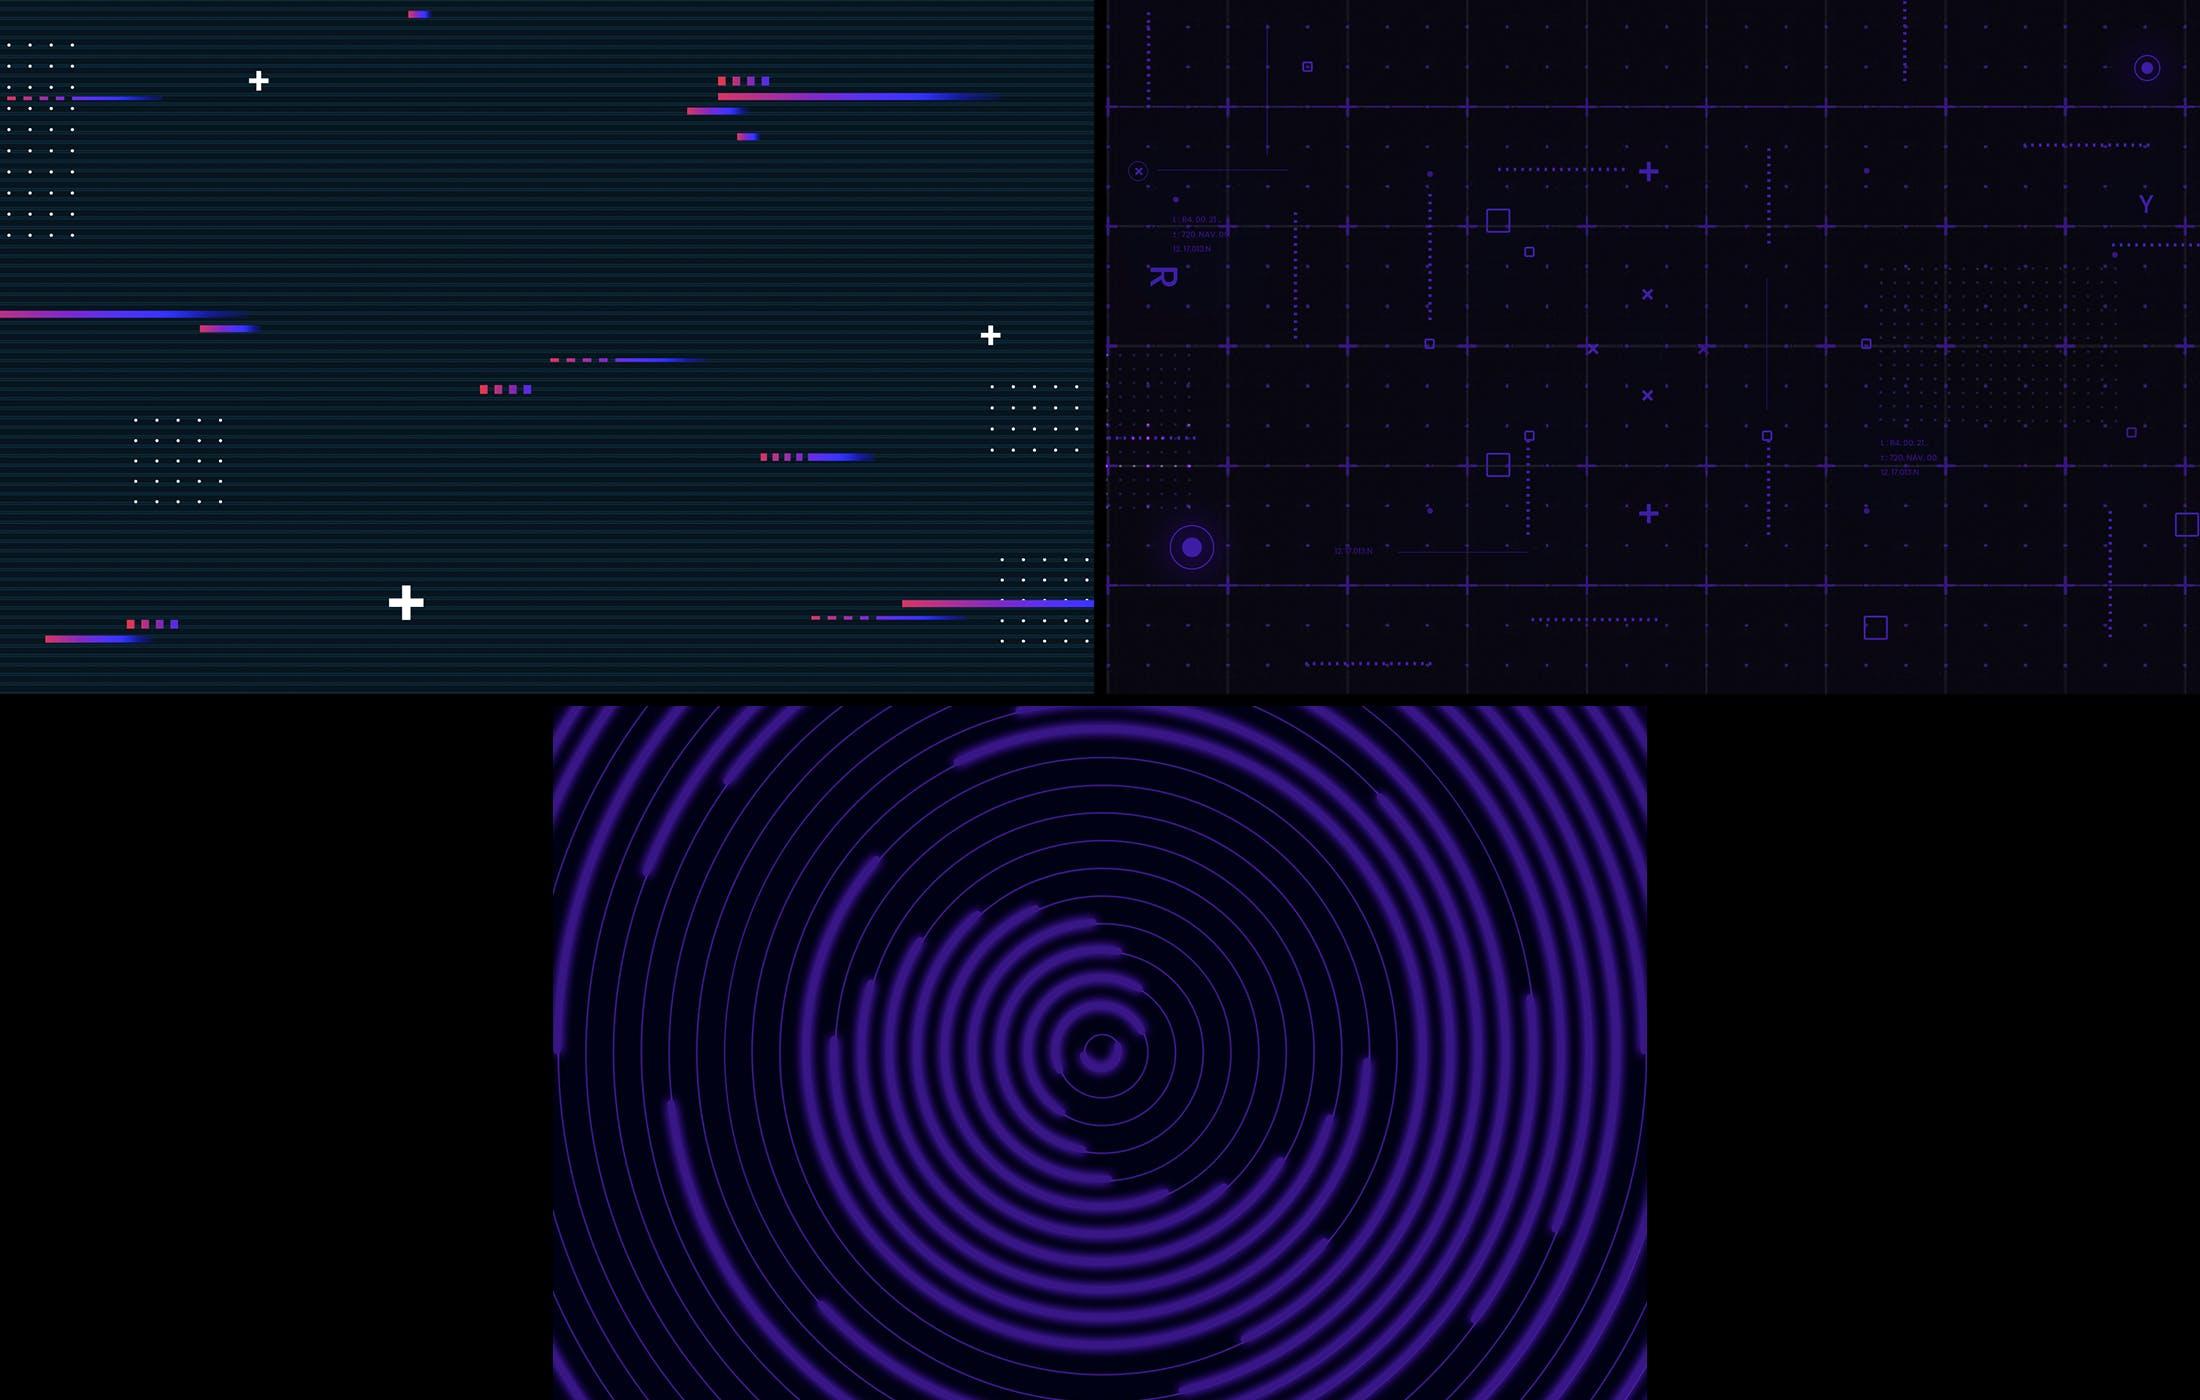 15款炫彩科幻未来潮流赛博朋克海报设计背景PS素材 Cyberpunk Backgrounds插图4